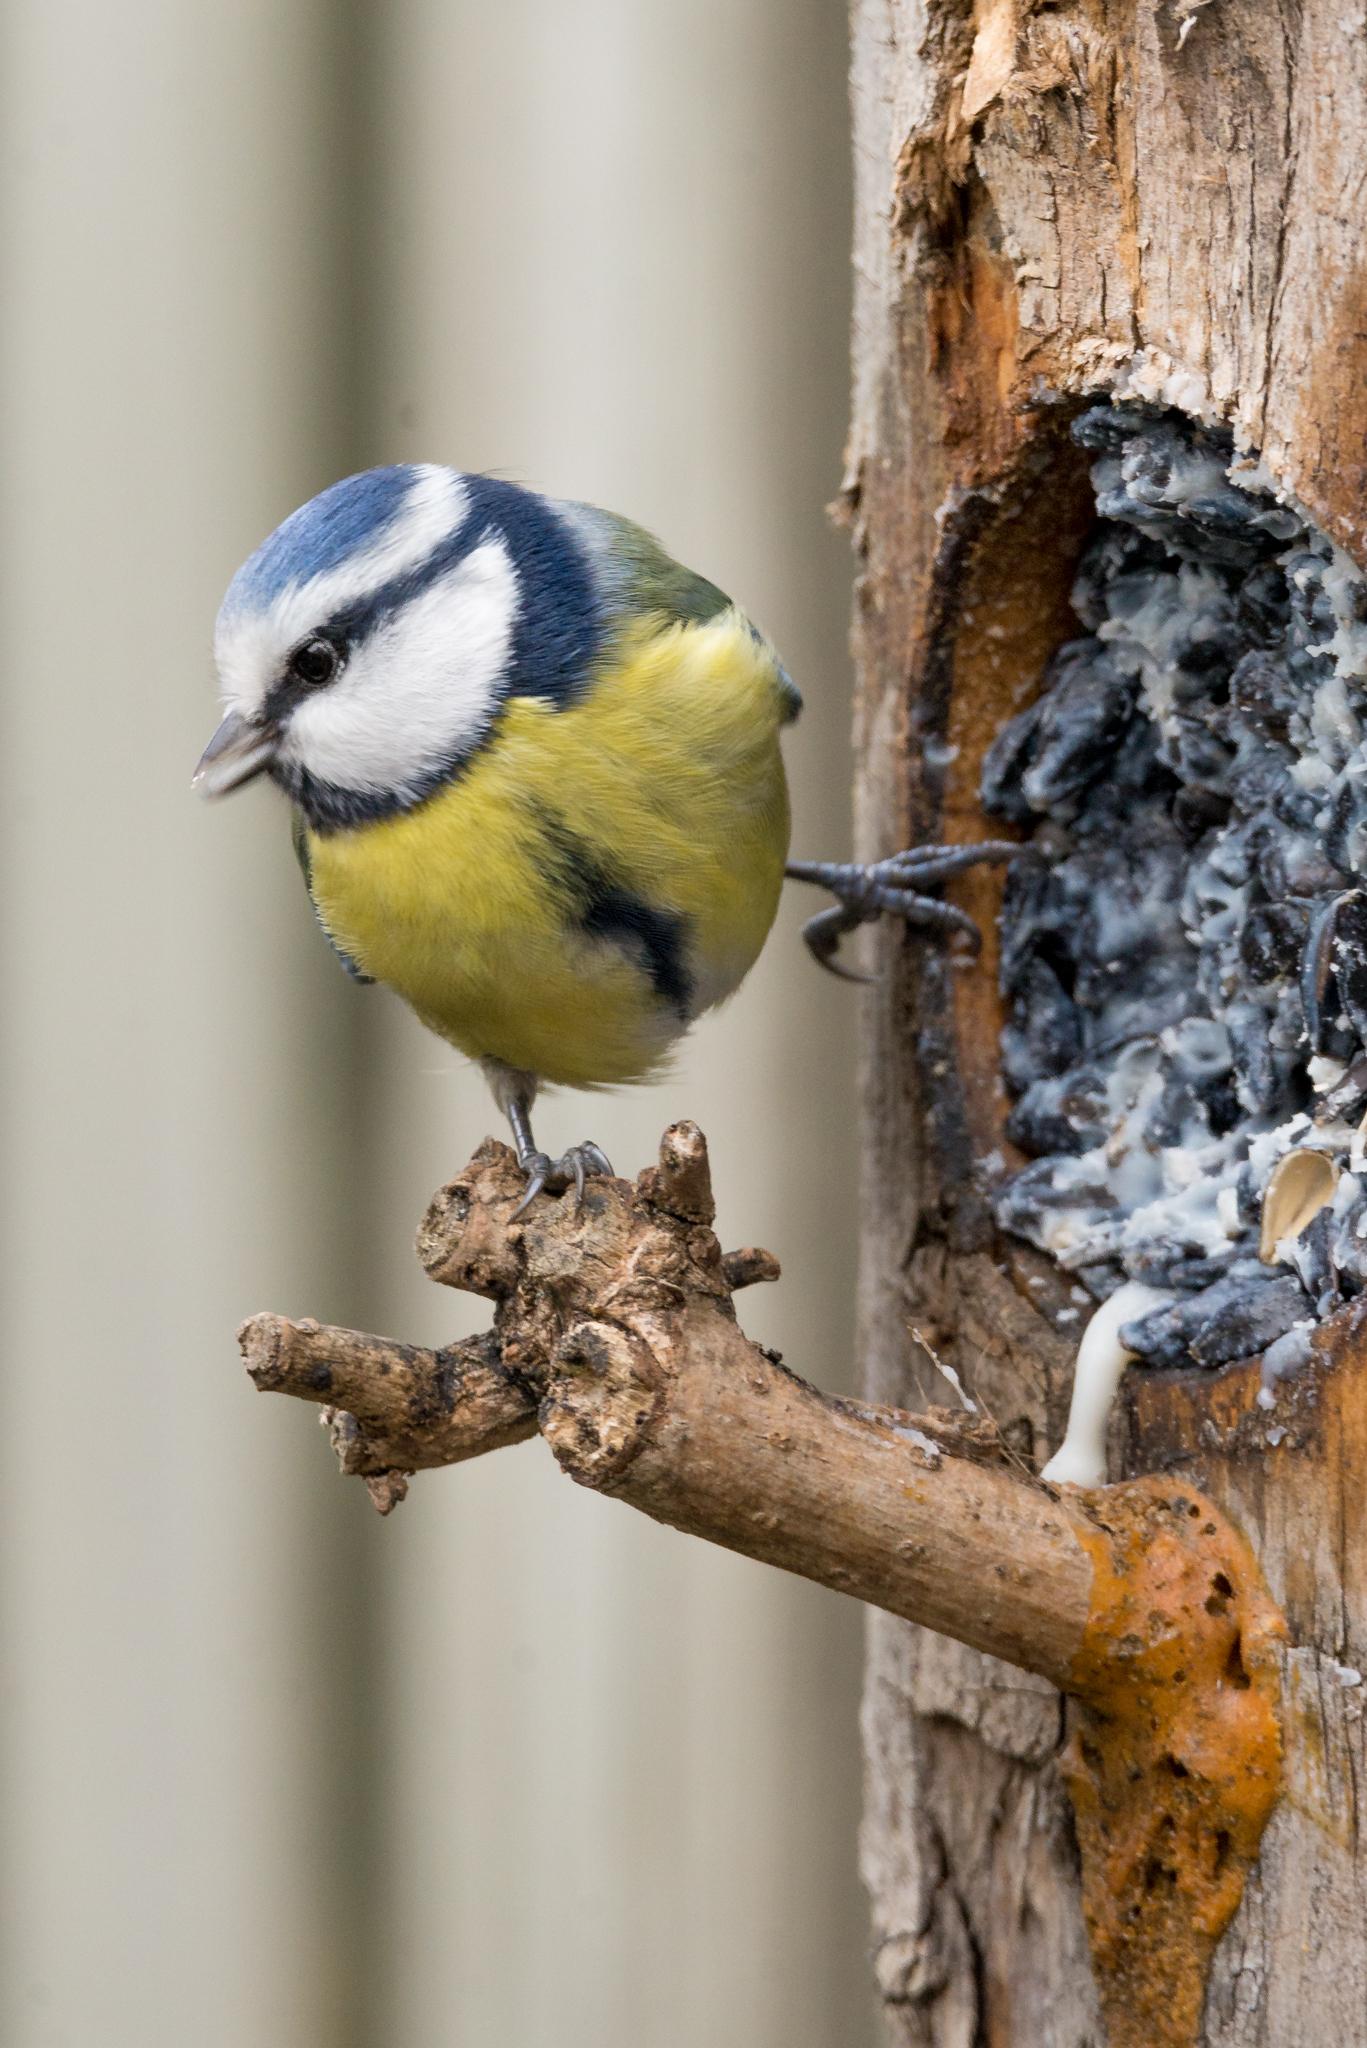 Pimpelmezen. - Diversen foto's van deze leuke tuinvogeltjes. - foto door Kompieter op 17-04-2021 - deze foto bevat: vogel, fabriek, bek, afdeling, organisme, takje, boom, hout, kofferbak, chickadee